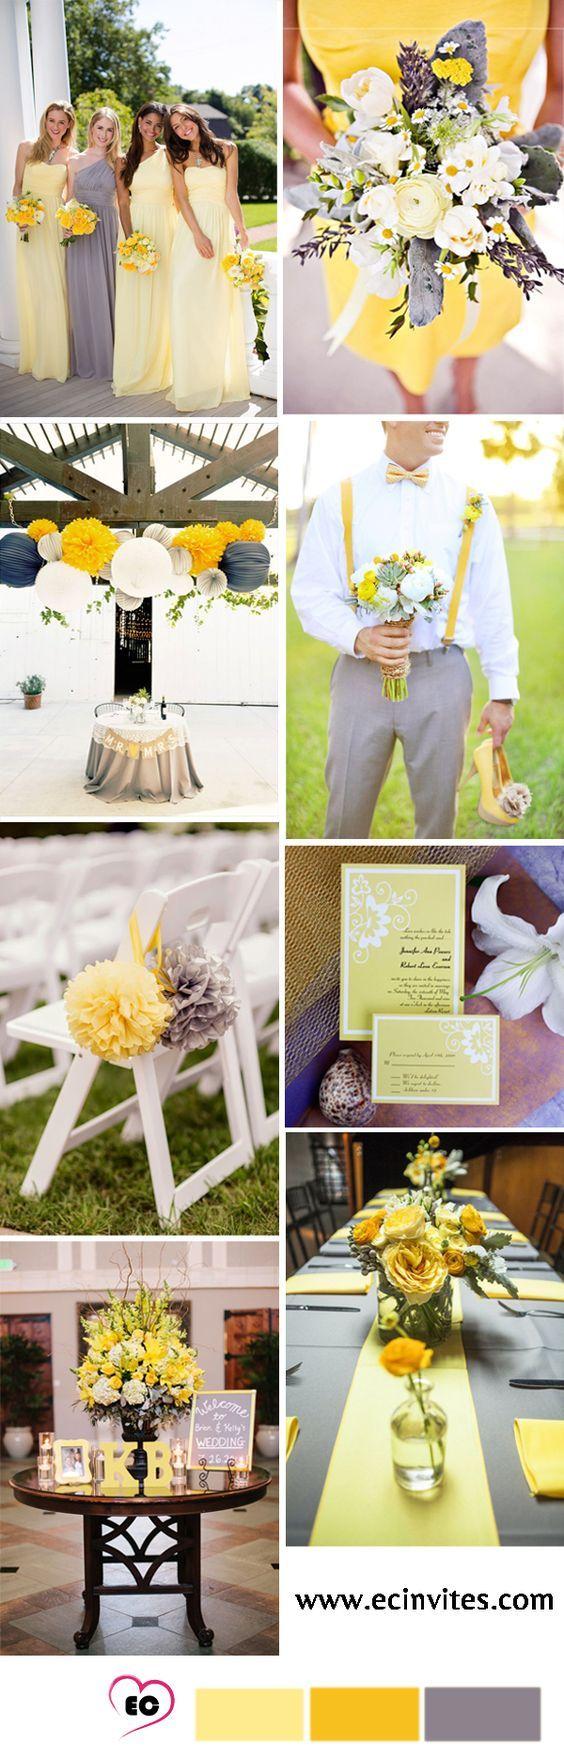 Coucou les filles ! Je voulais vous proposer une décoration bicolore pour changer un peu :) Alors voici une inspiration jaune et grise ! Parfaite pour un mariage au printemps ou en été ! Qu'en pensez-vous ? Retrouvez les autres mariages bicolores :